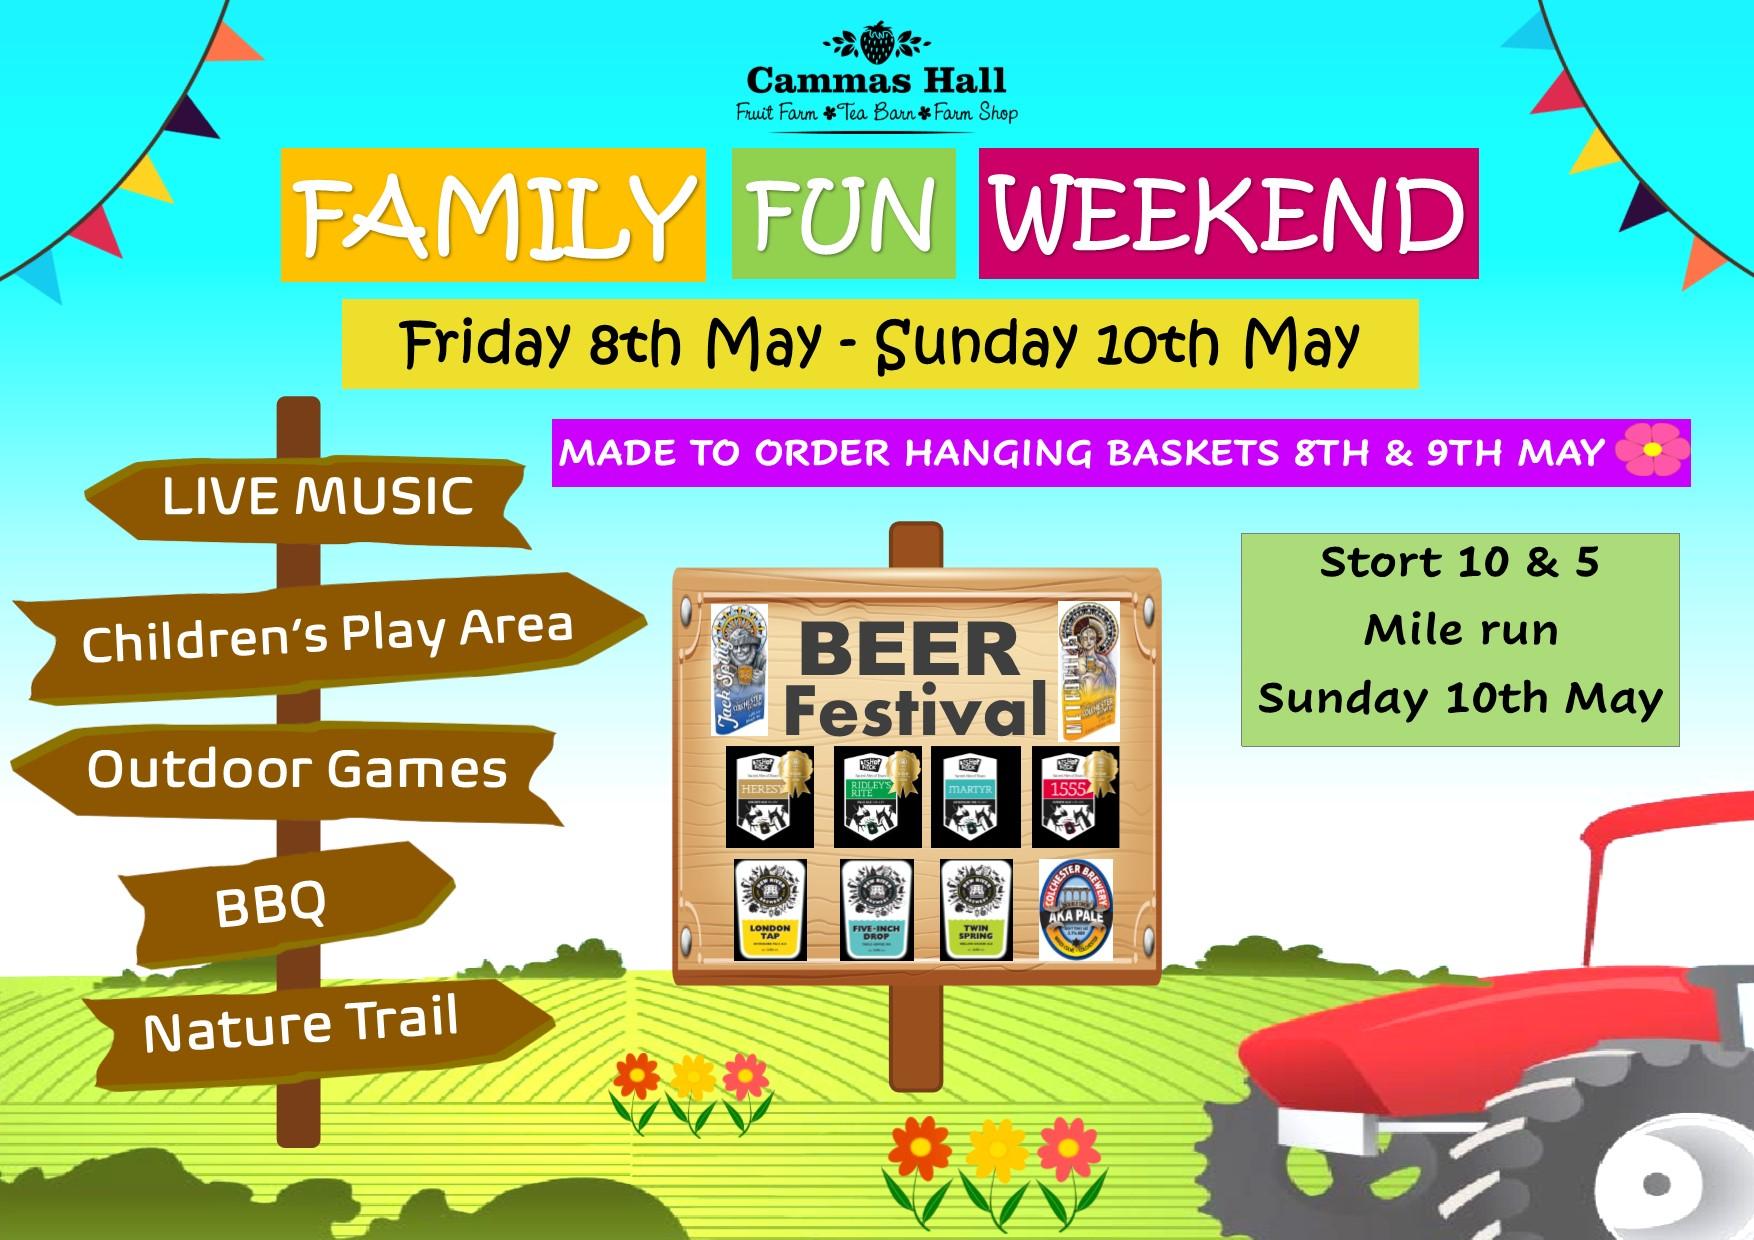 Family Fun Weekend